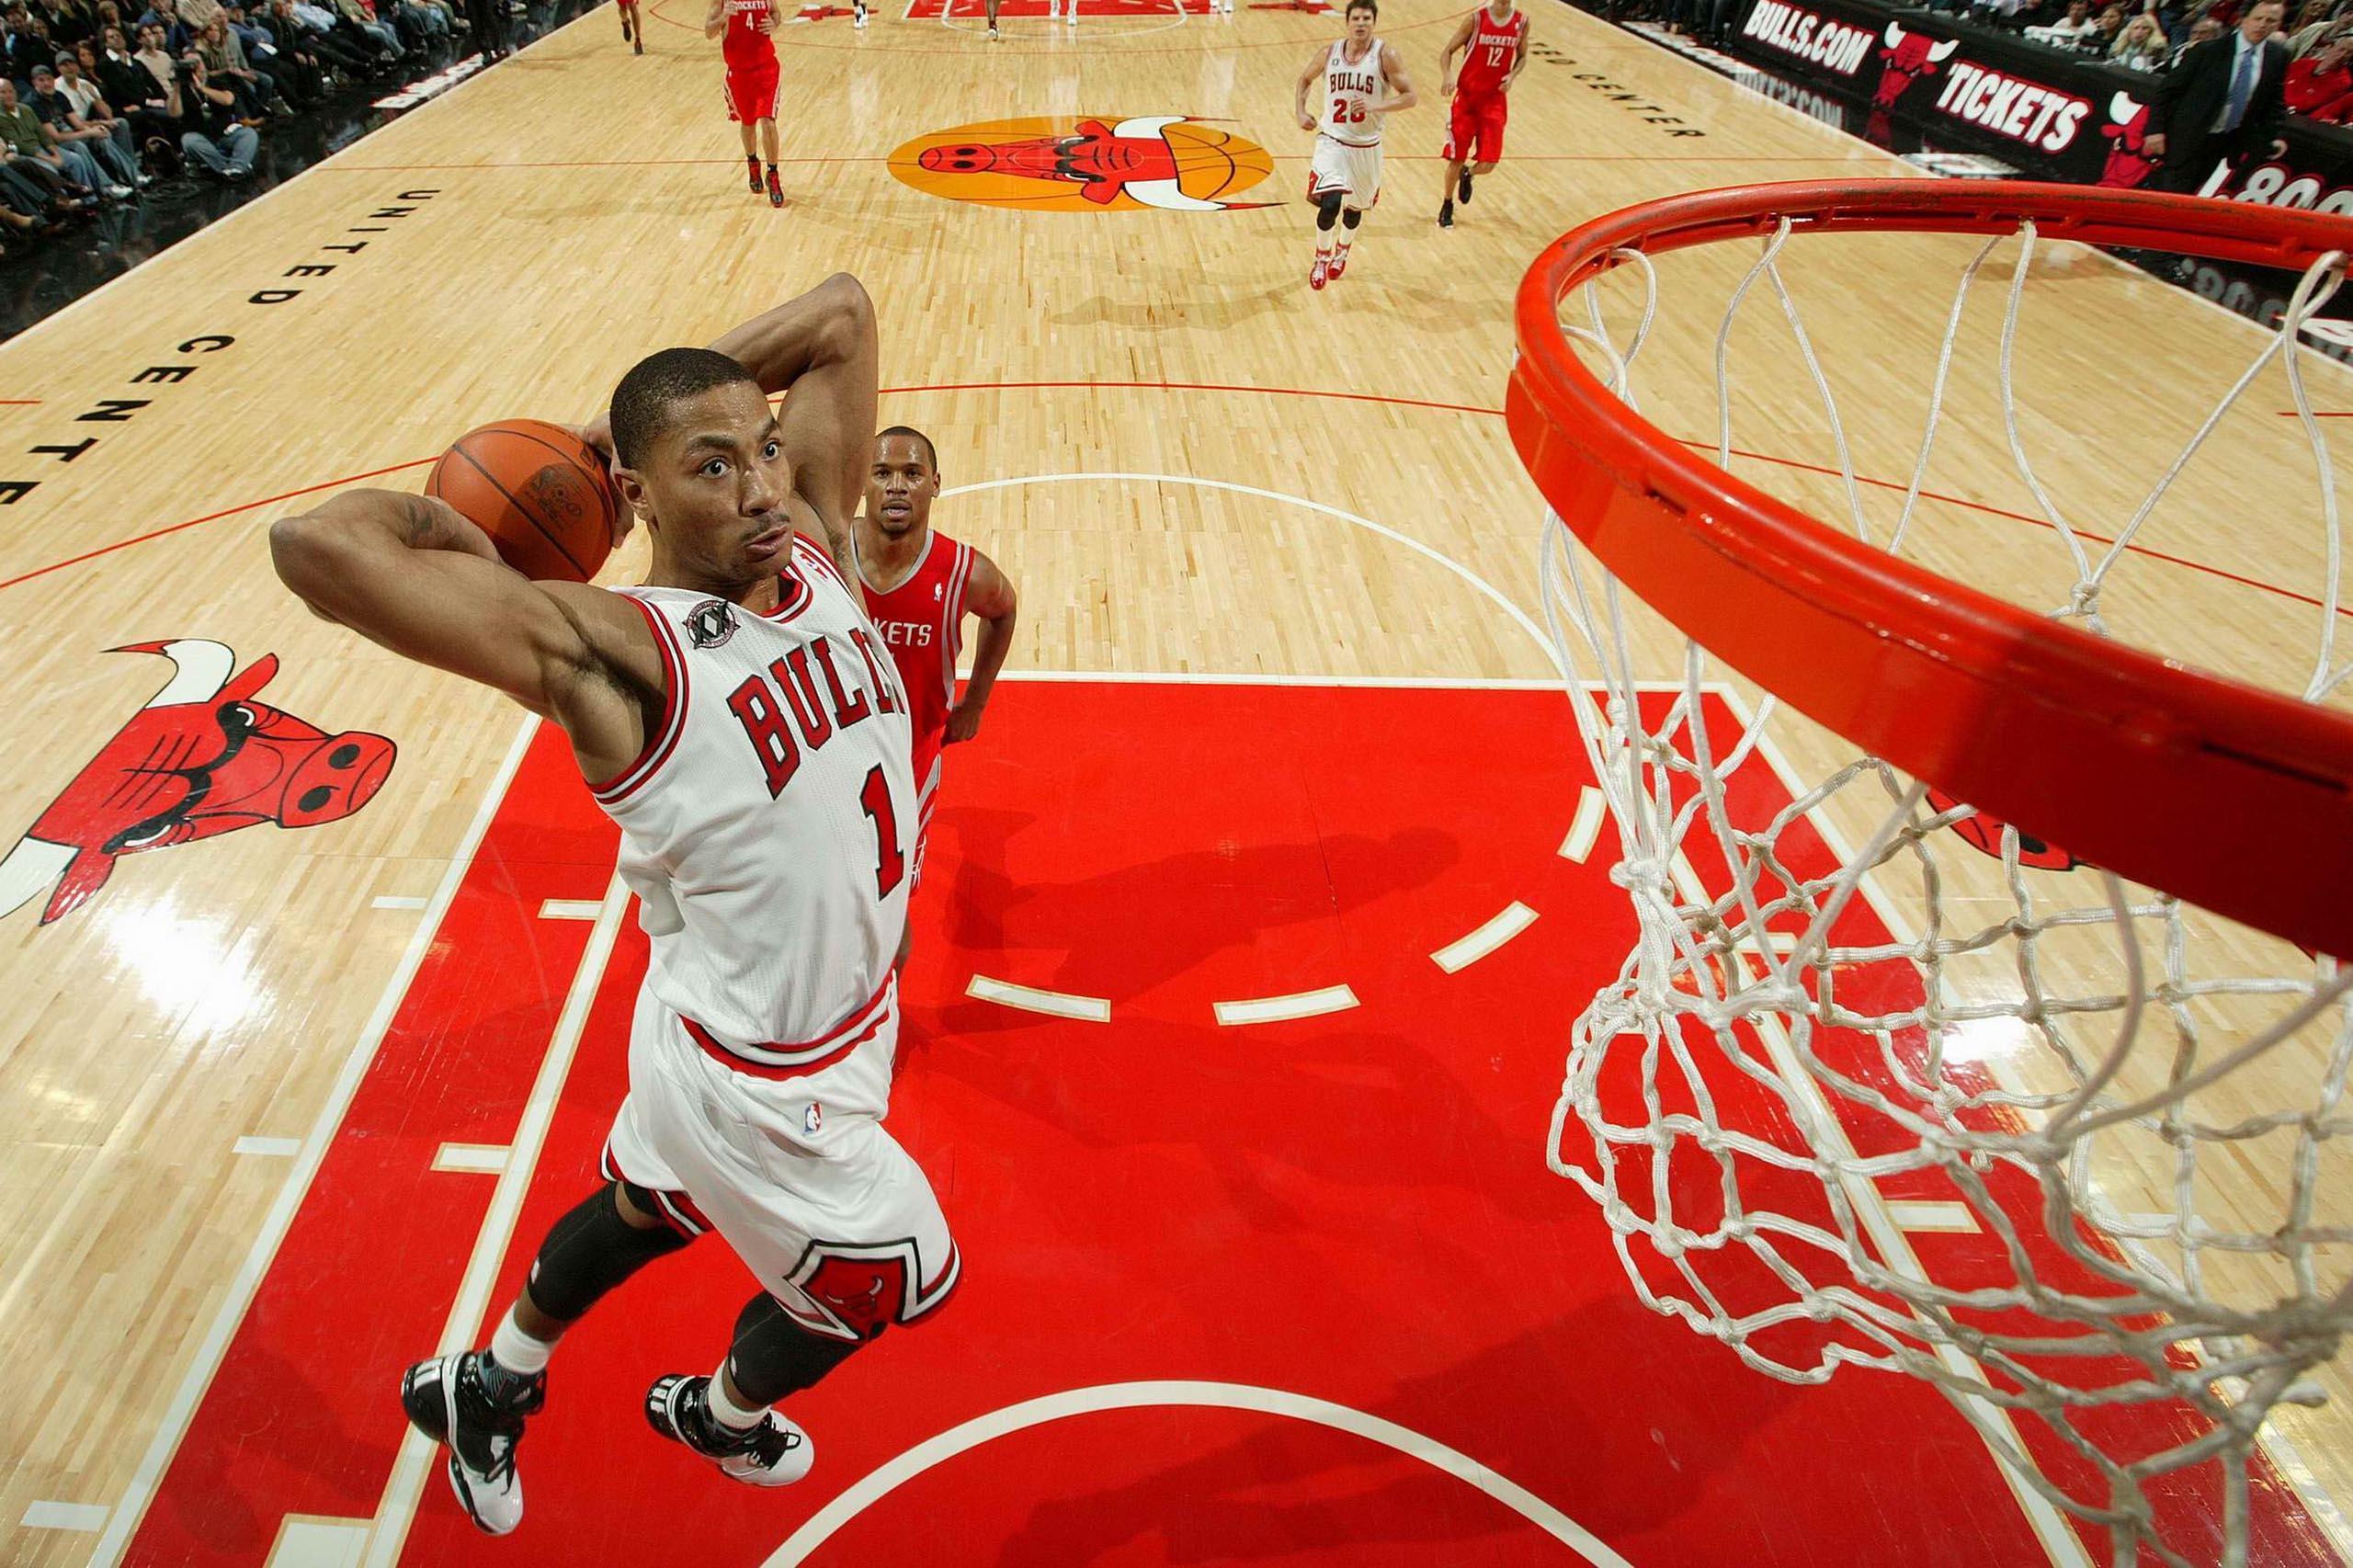 derrick rose wallpaper dunk - photo #10